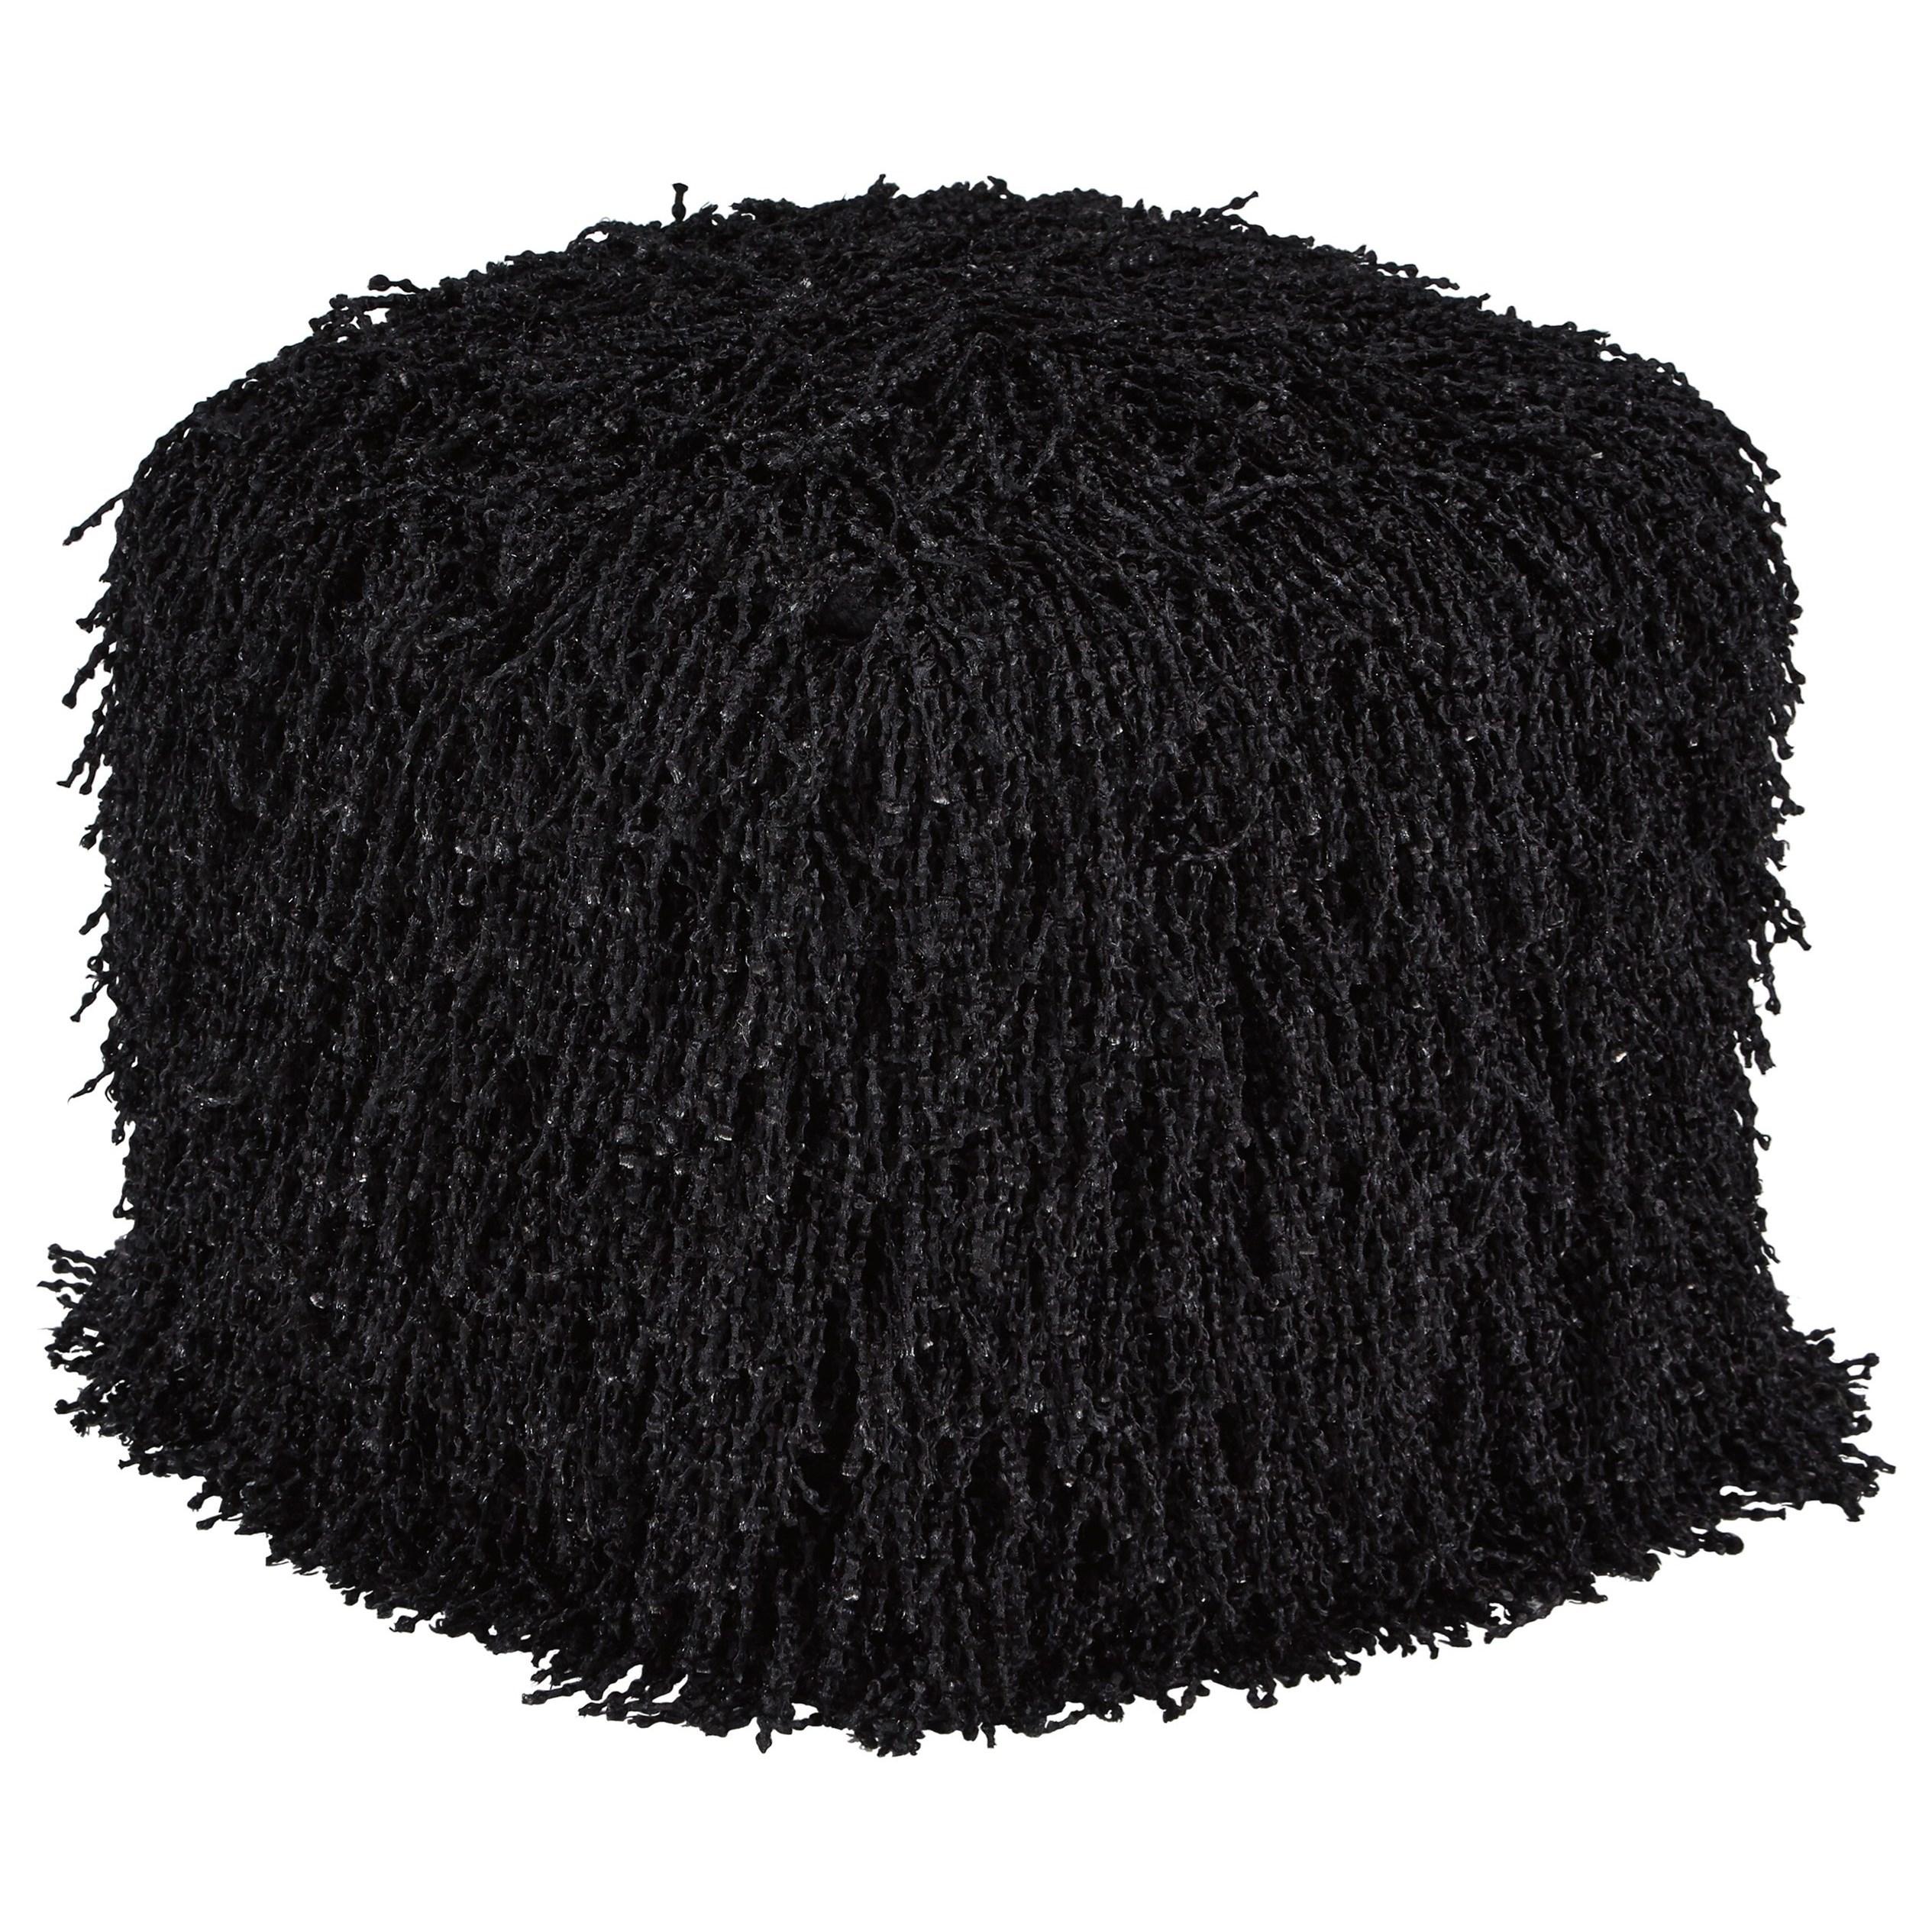 Cairo Black Pouf